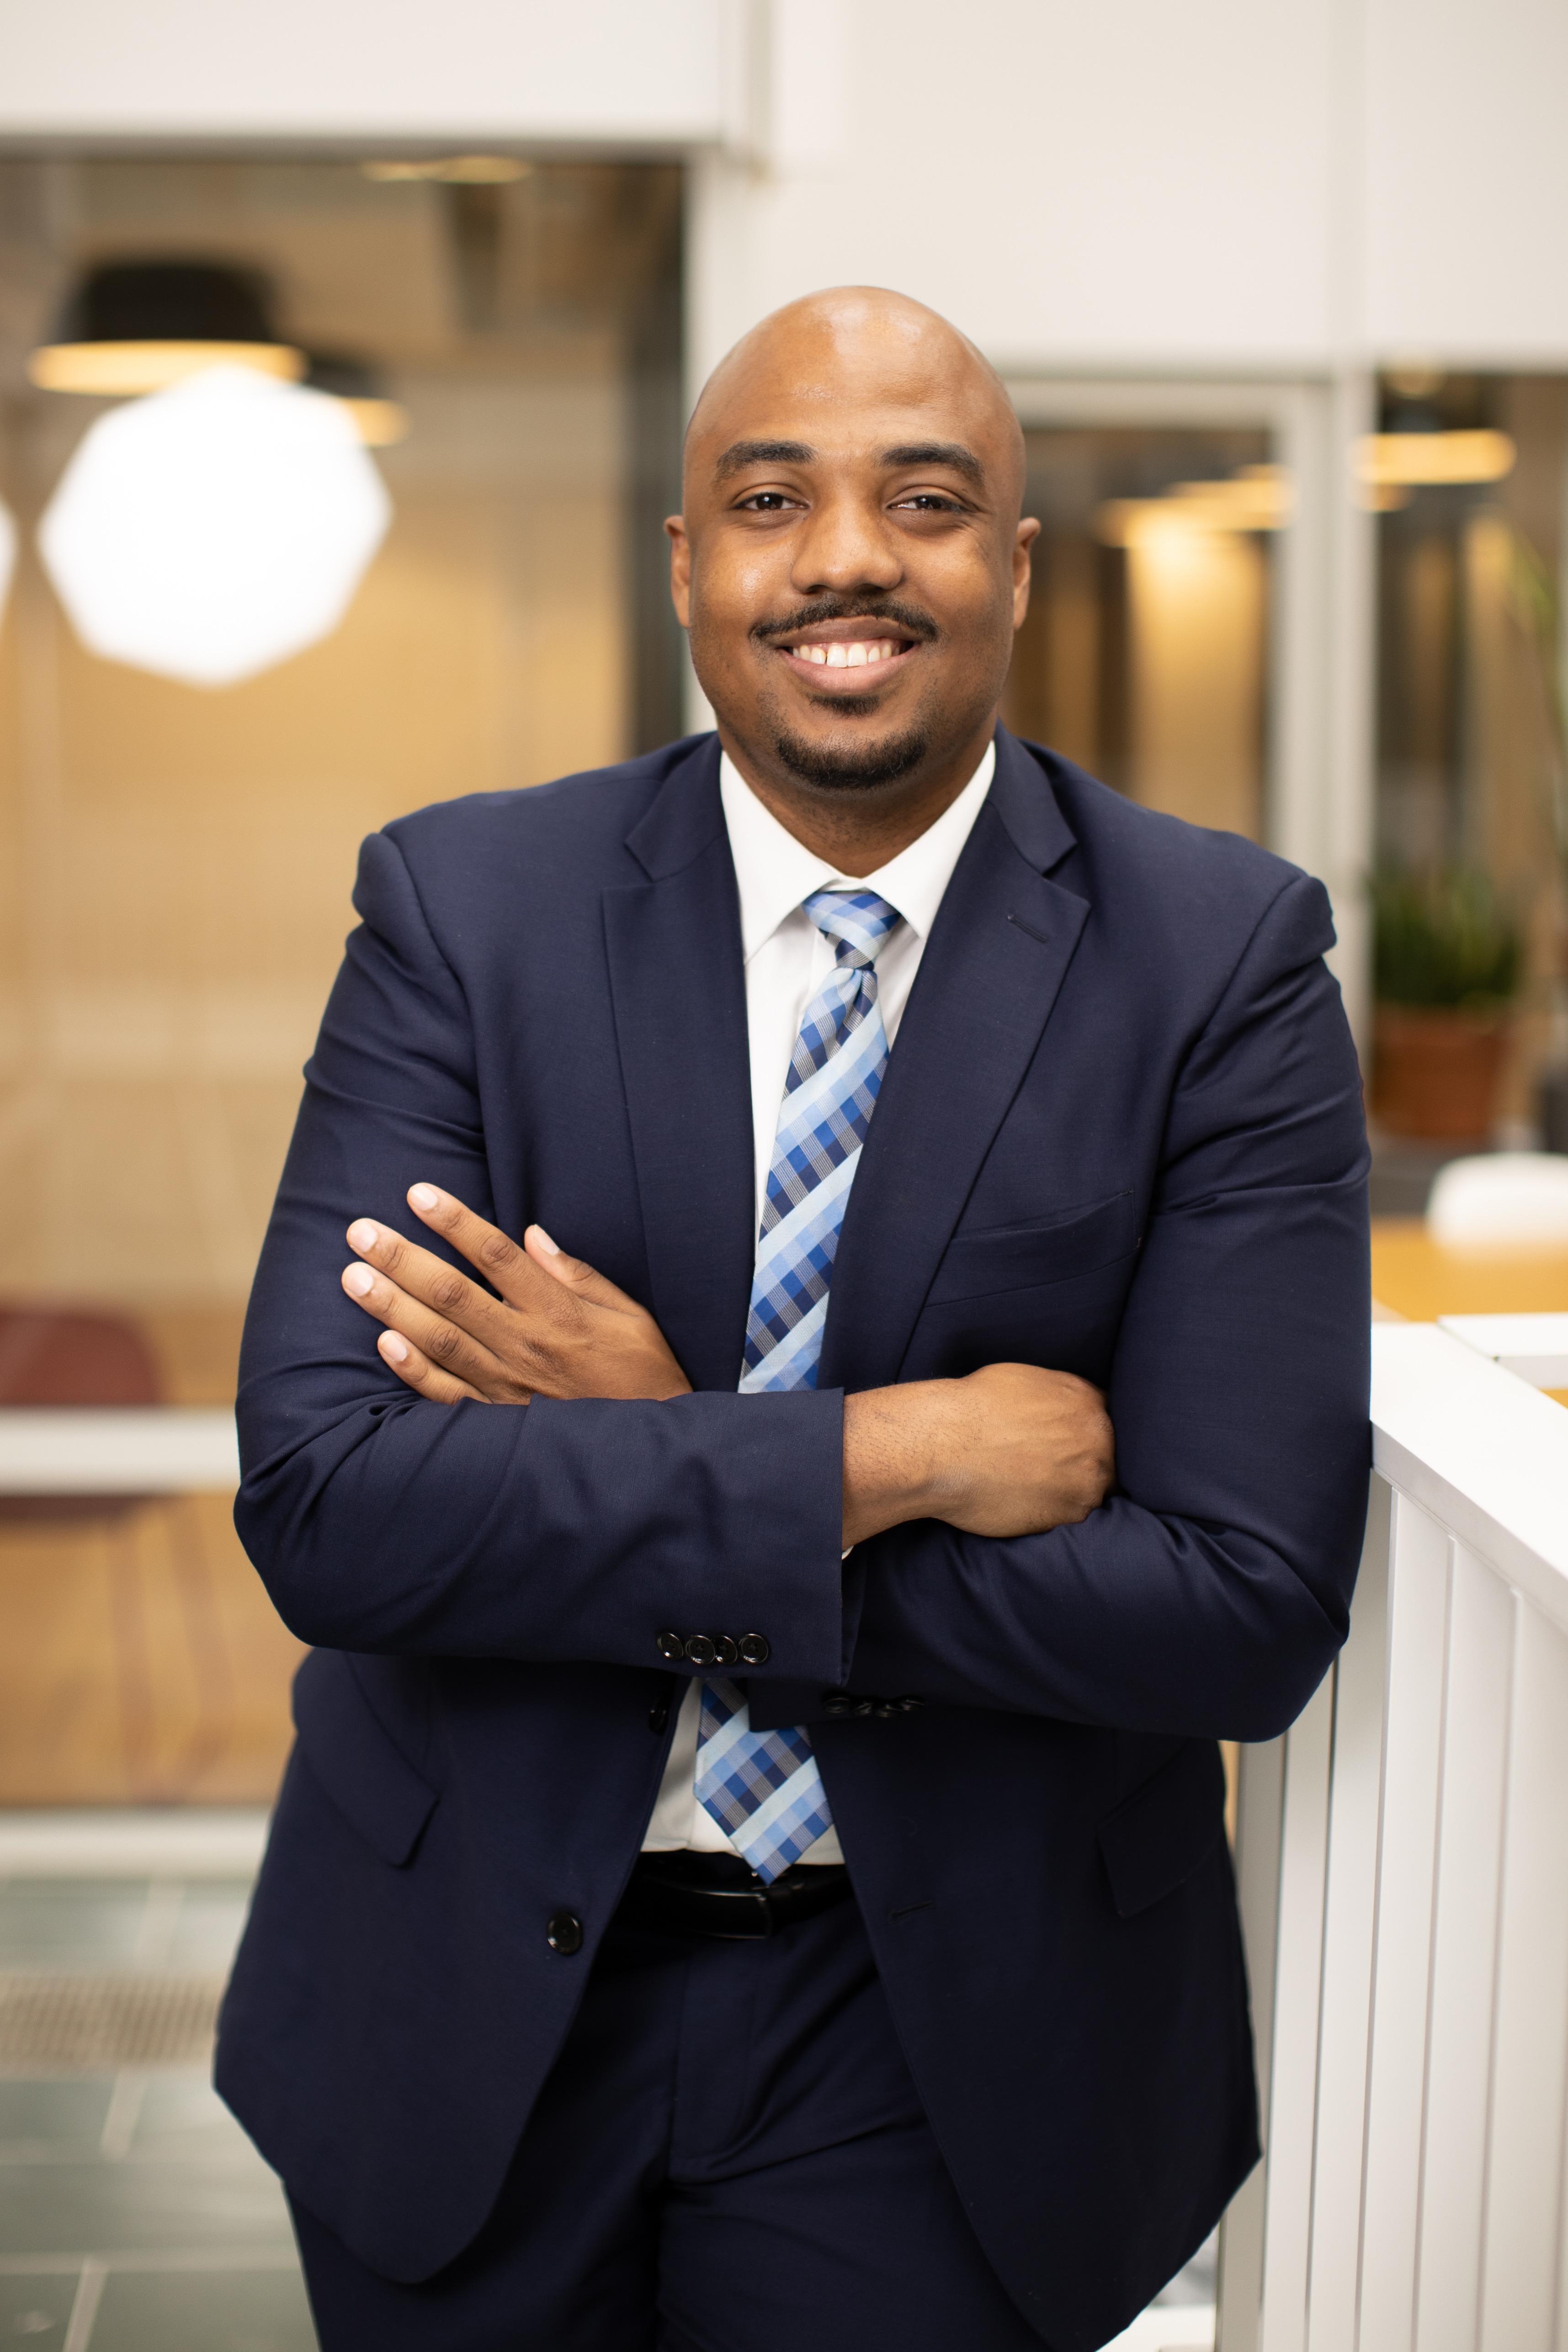 Rashad Cummings